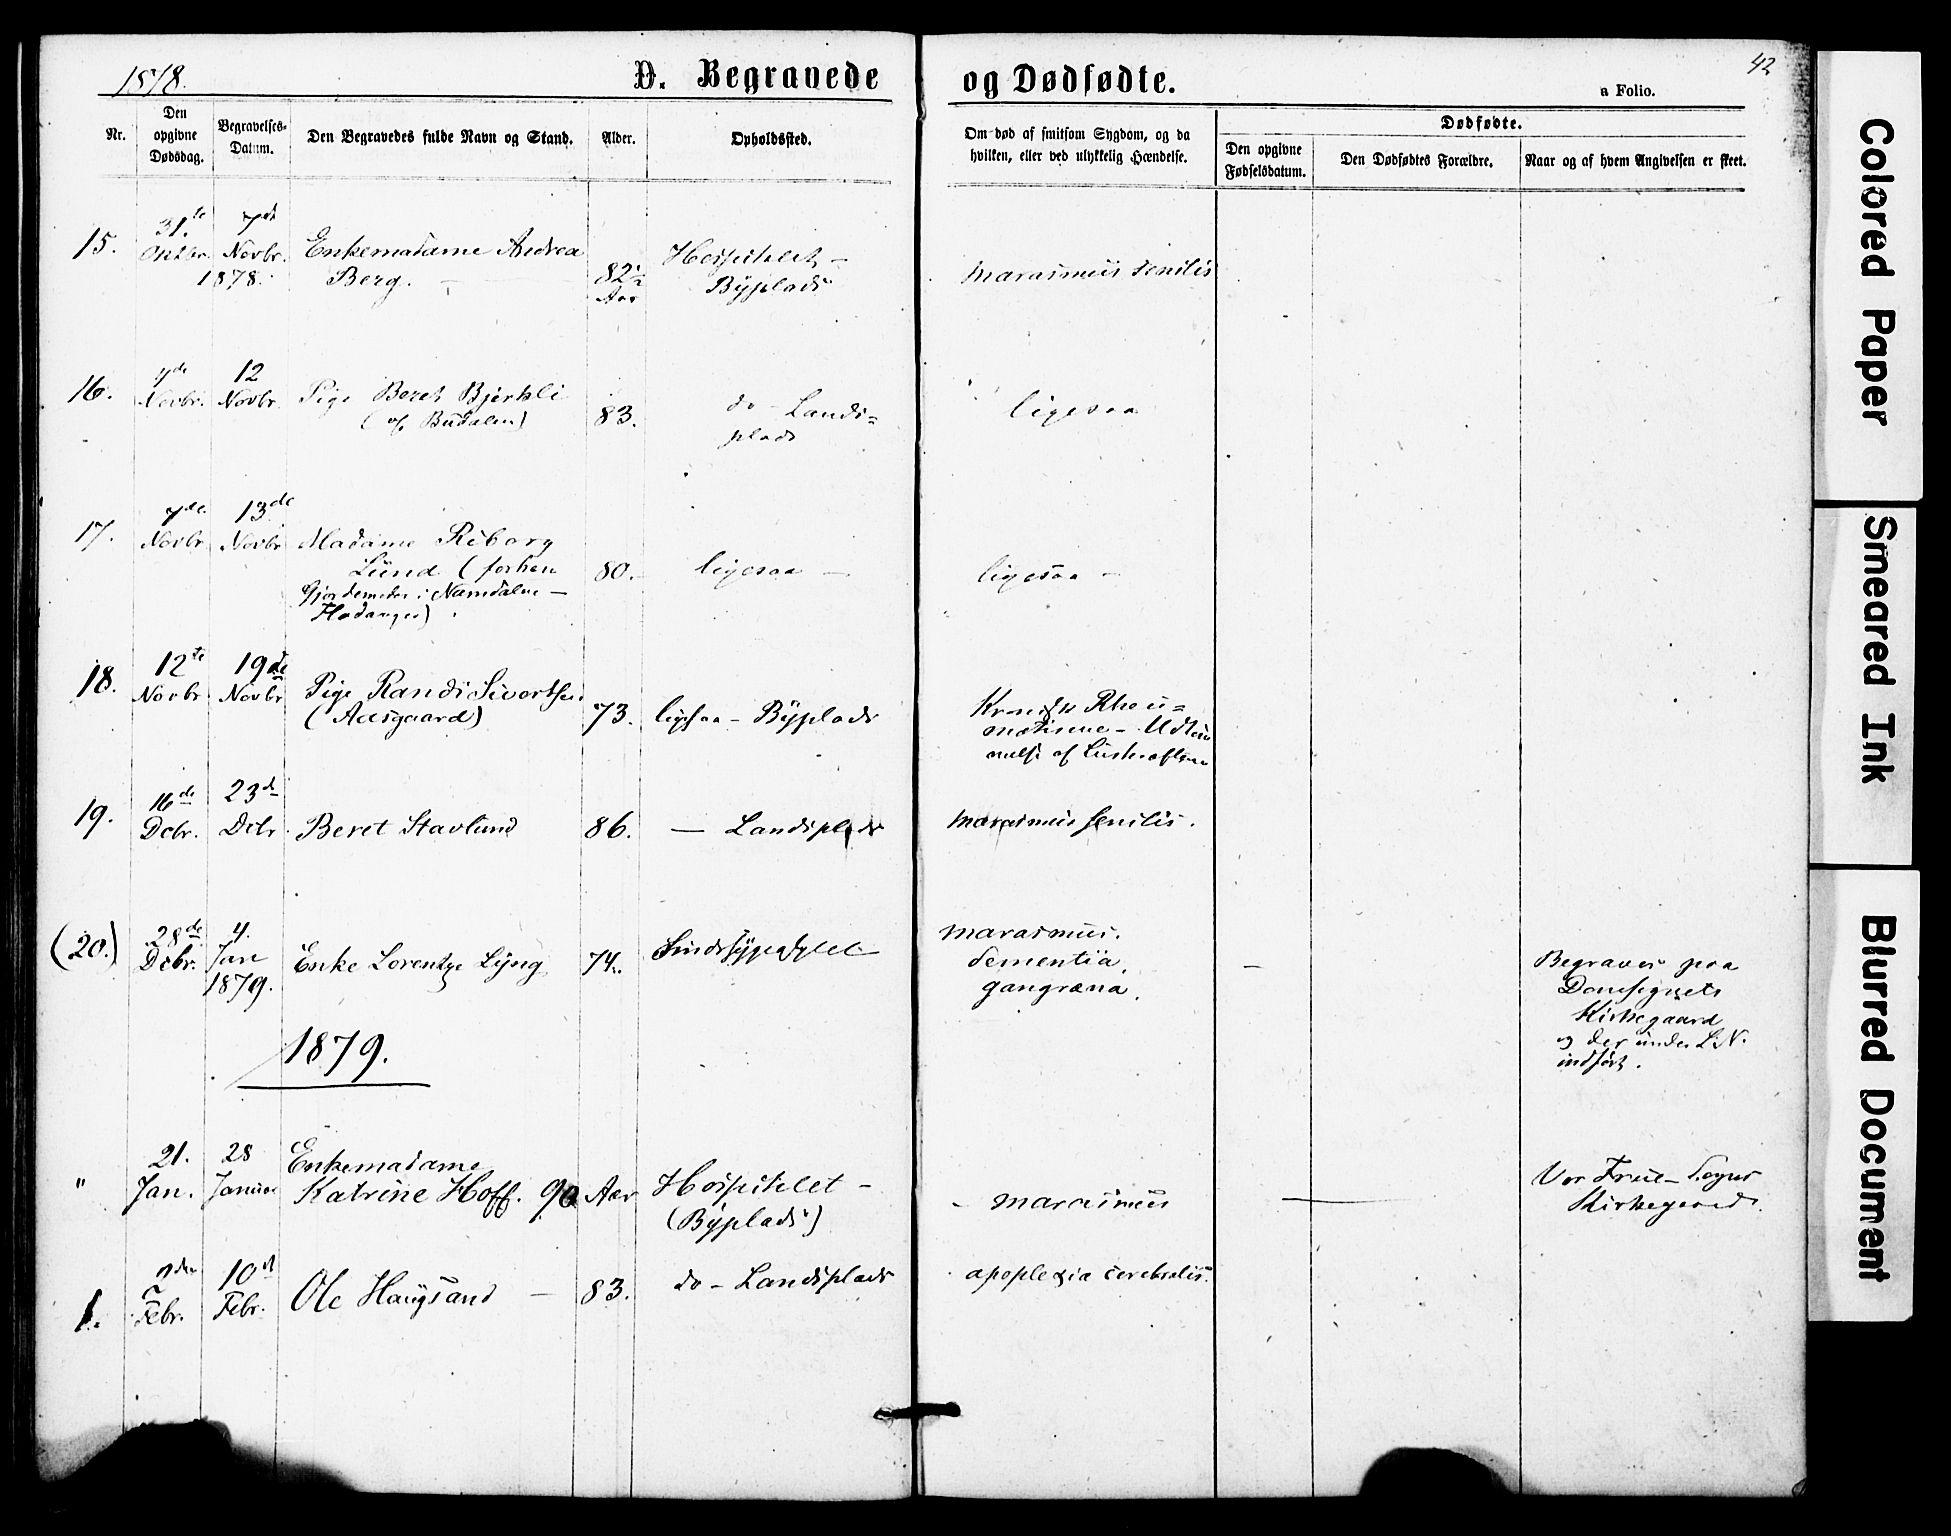 SAT, Ministerialprotokoller, klokkerbøker og fødselsregistre - Sør-Trøndelag, 623/L0469: Ministerialbok nr. 623A03, 1868-1883, s. 42